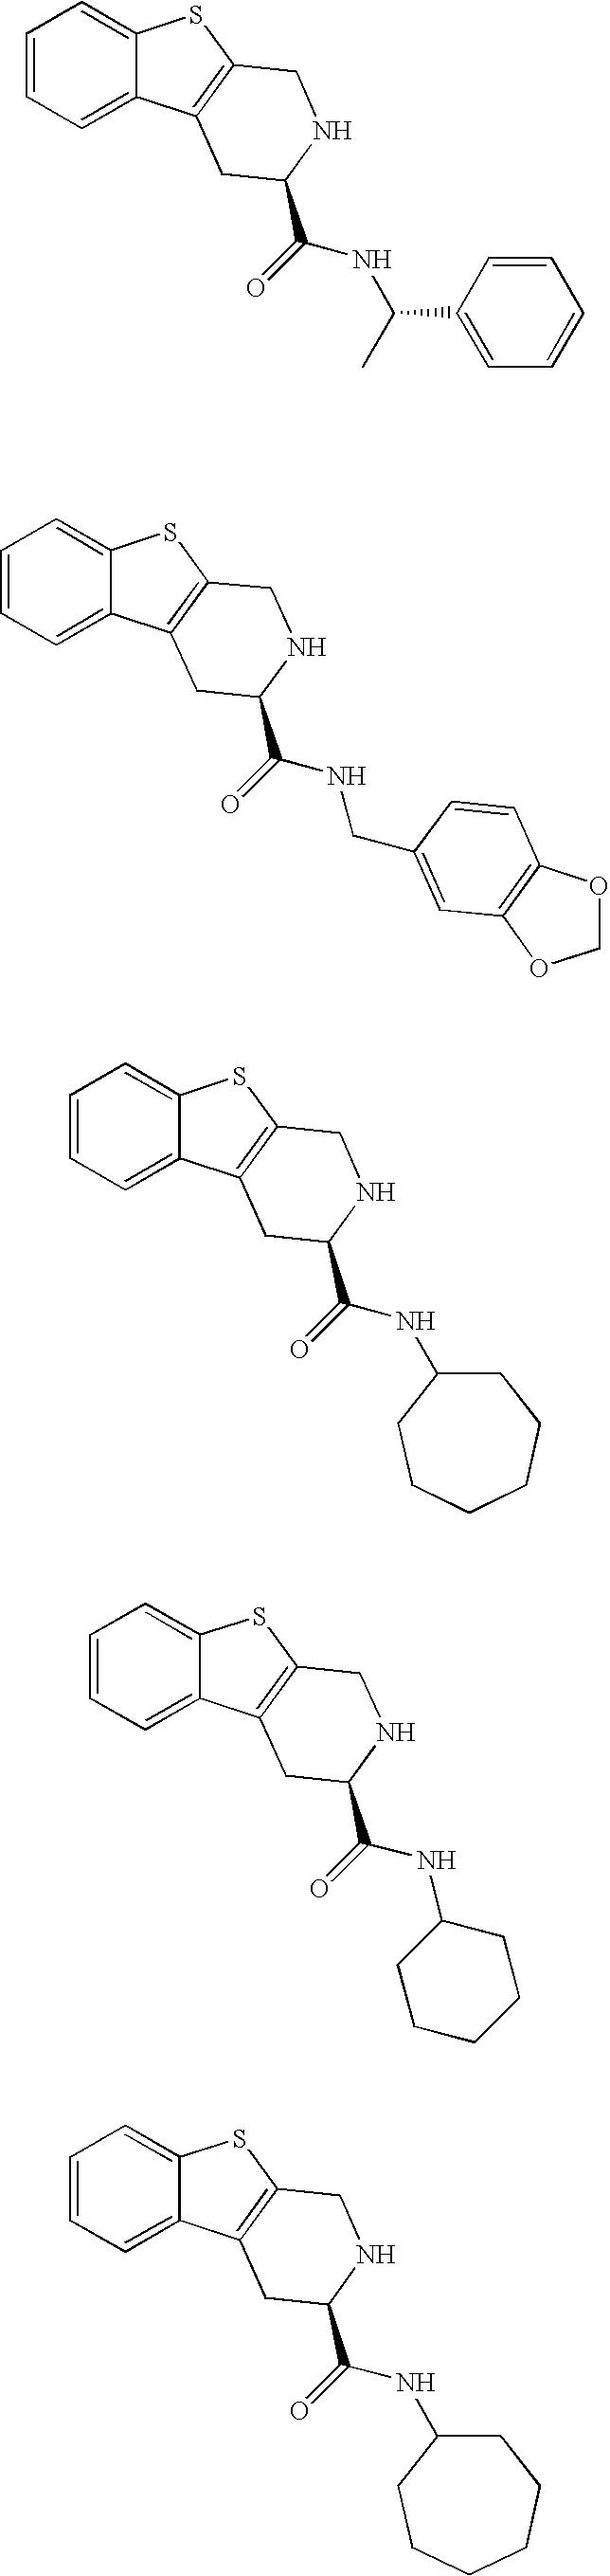 Figure US20100009983A1-20100114-C00266